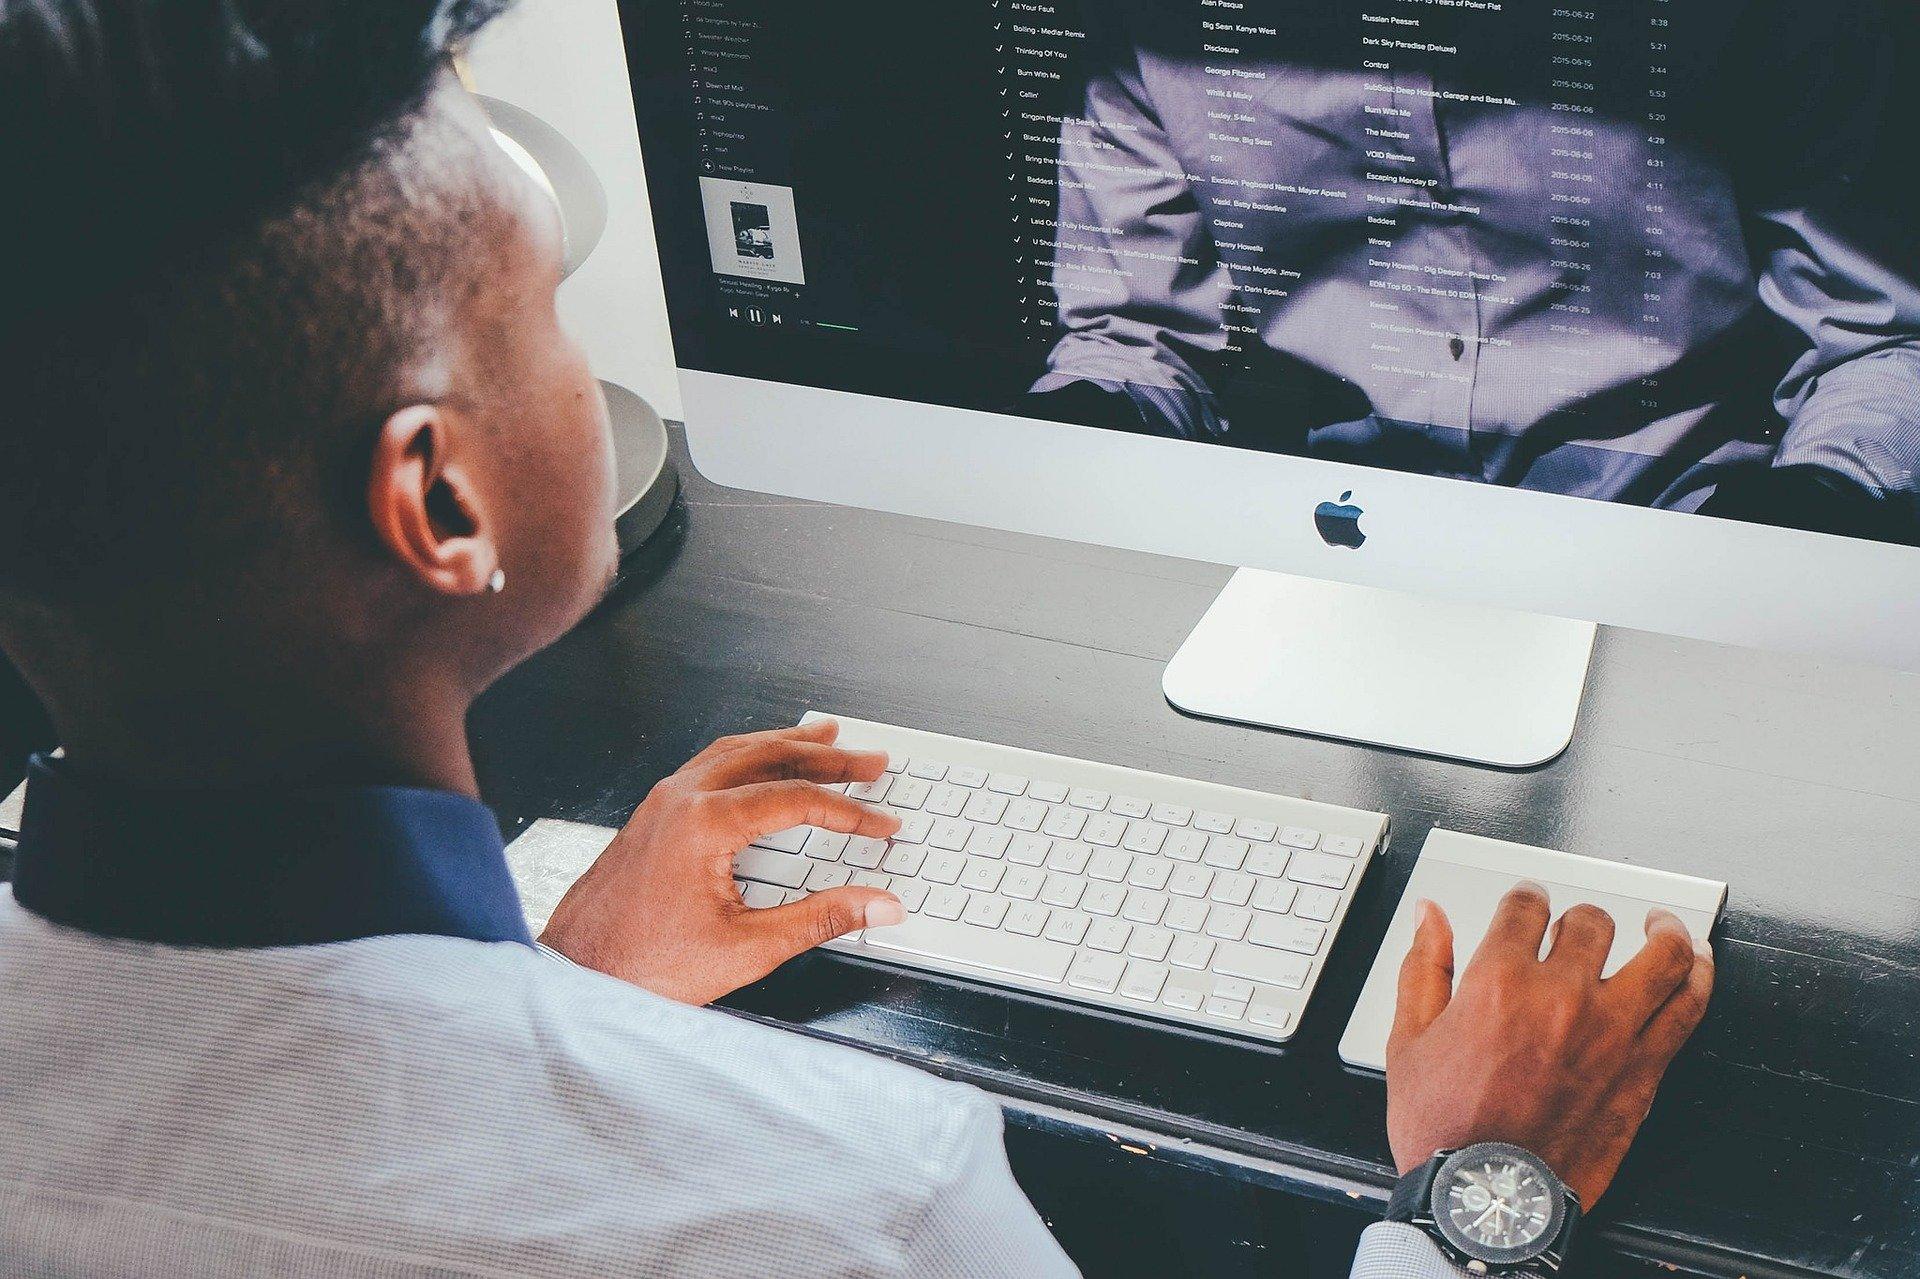 Vemos um homem na frente de um computador enquanto trabalha (imagem ilustrativa). Texto: franquias baratas.